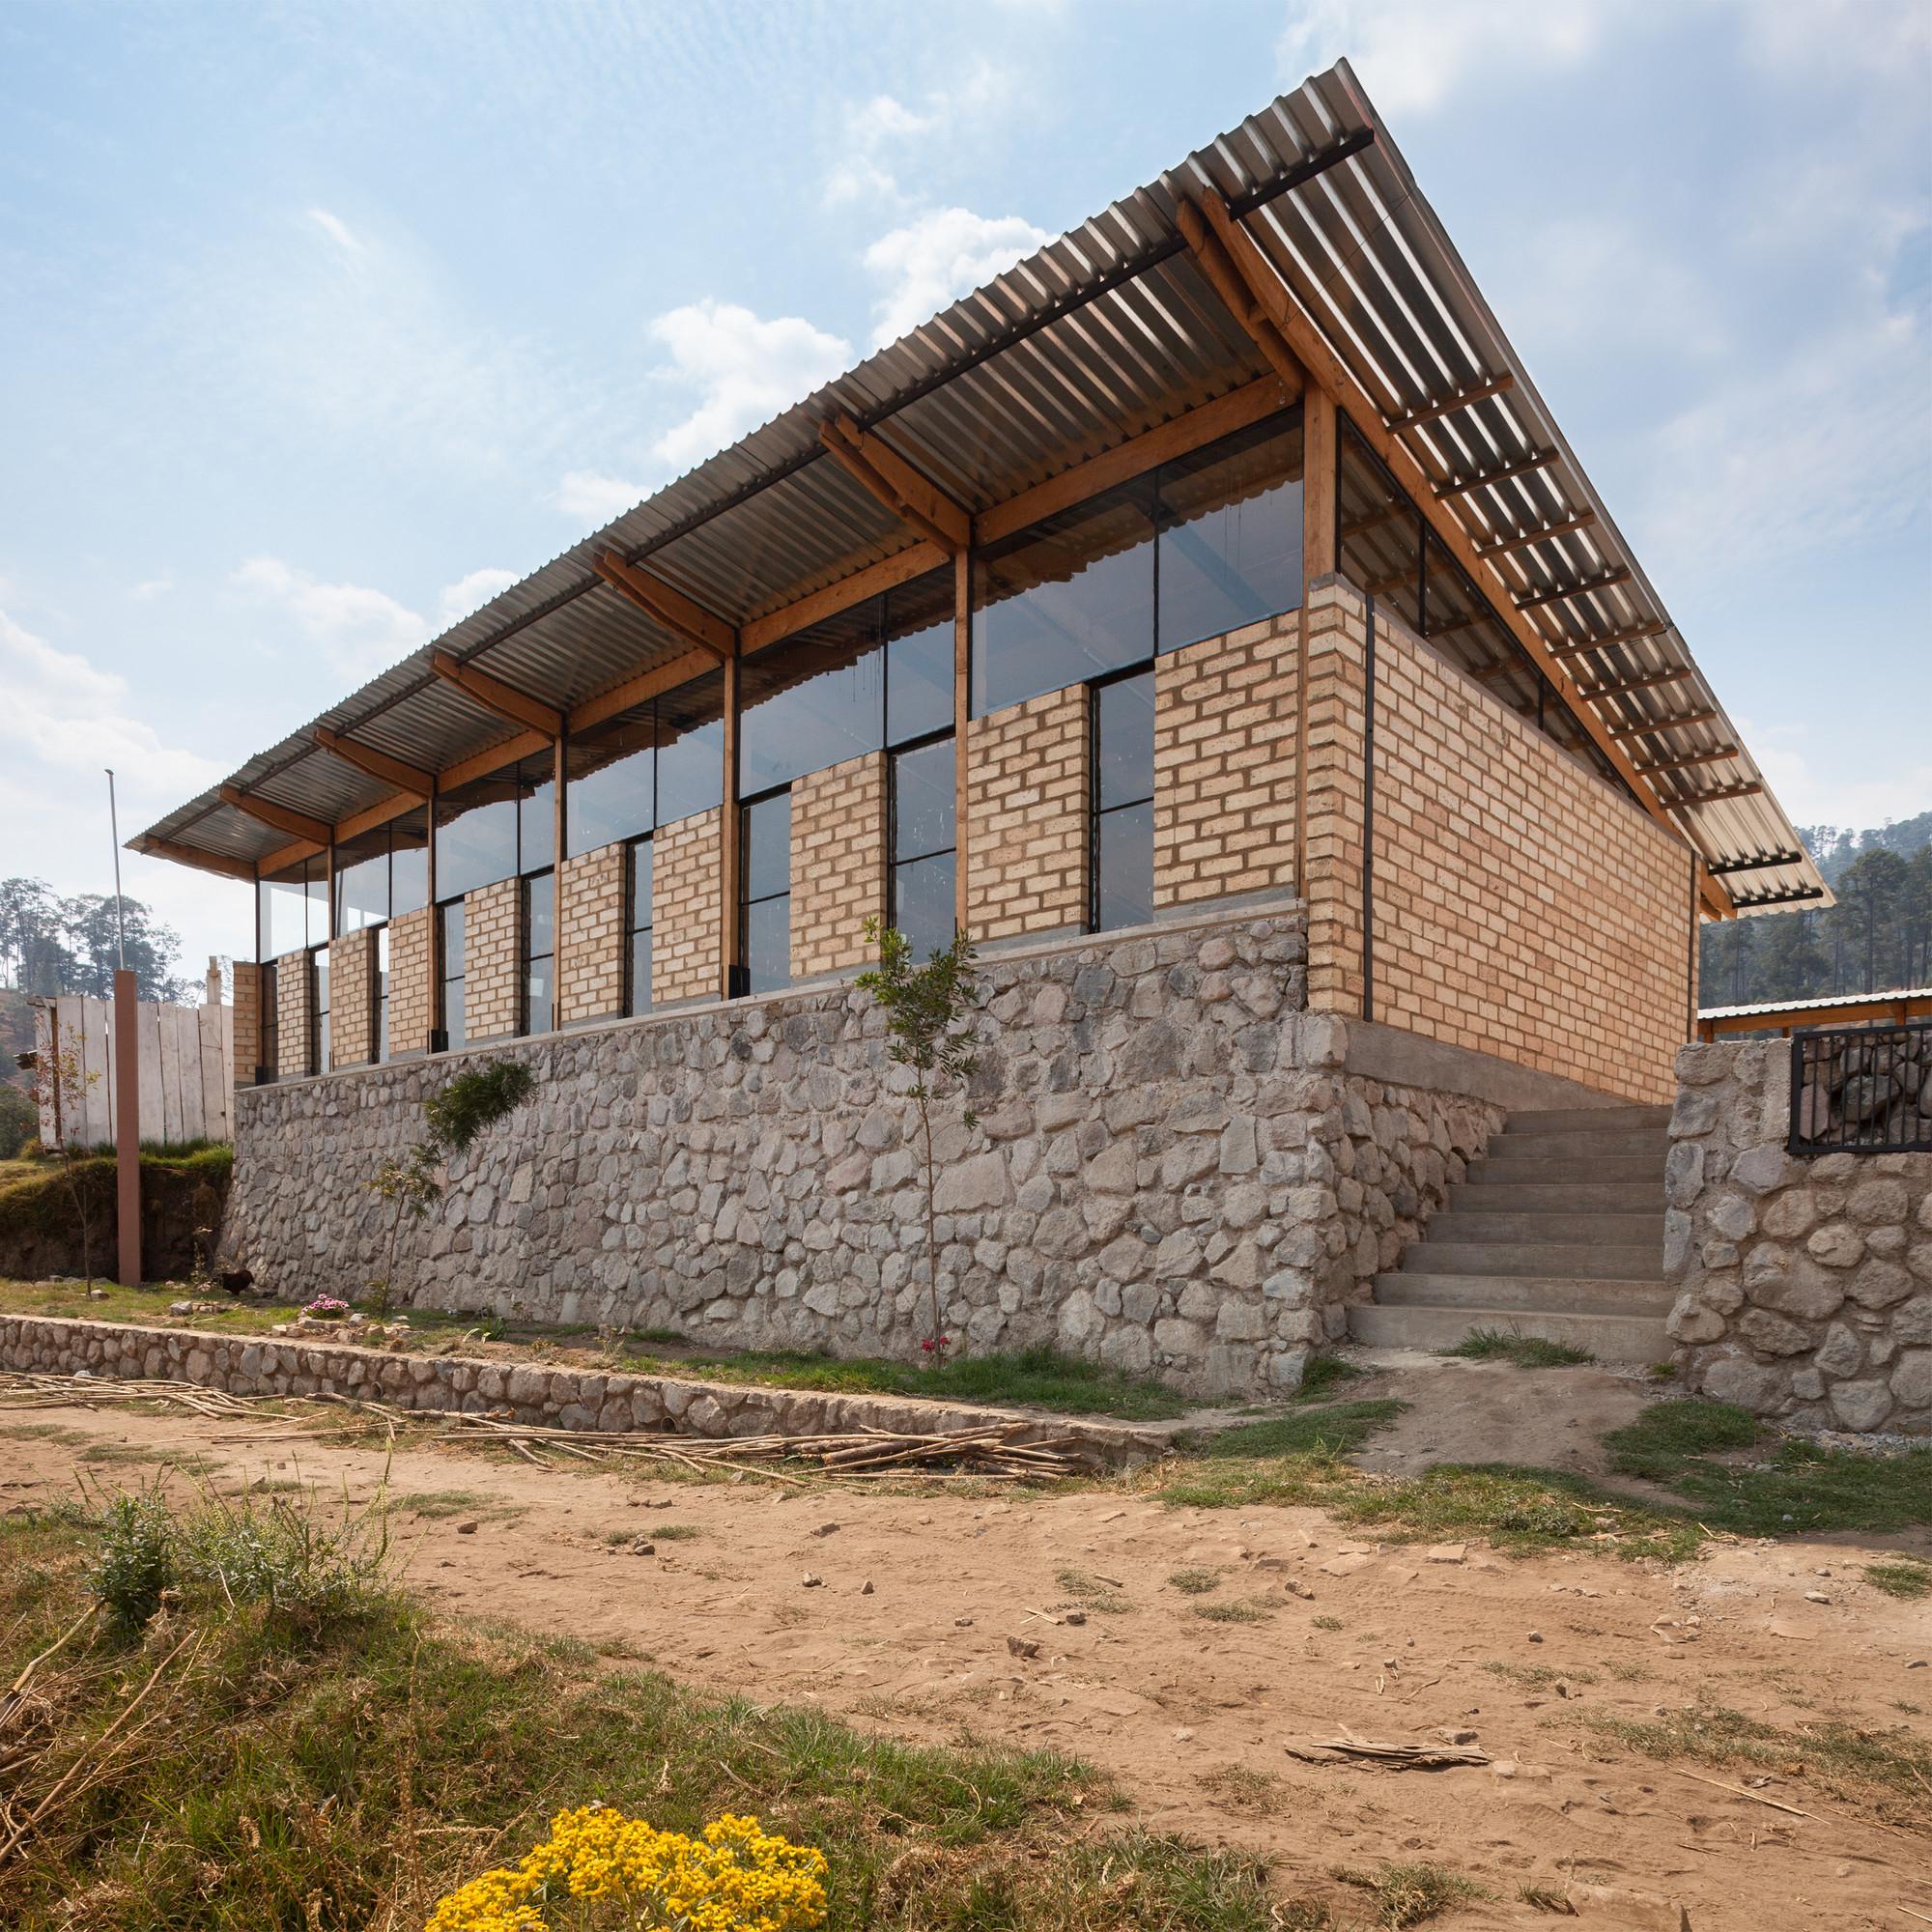 School for el coporito antonio pe a juan garay - Arquitectos en avila ...